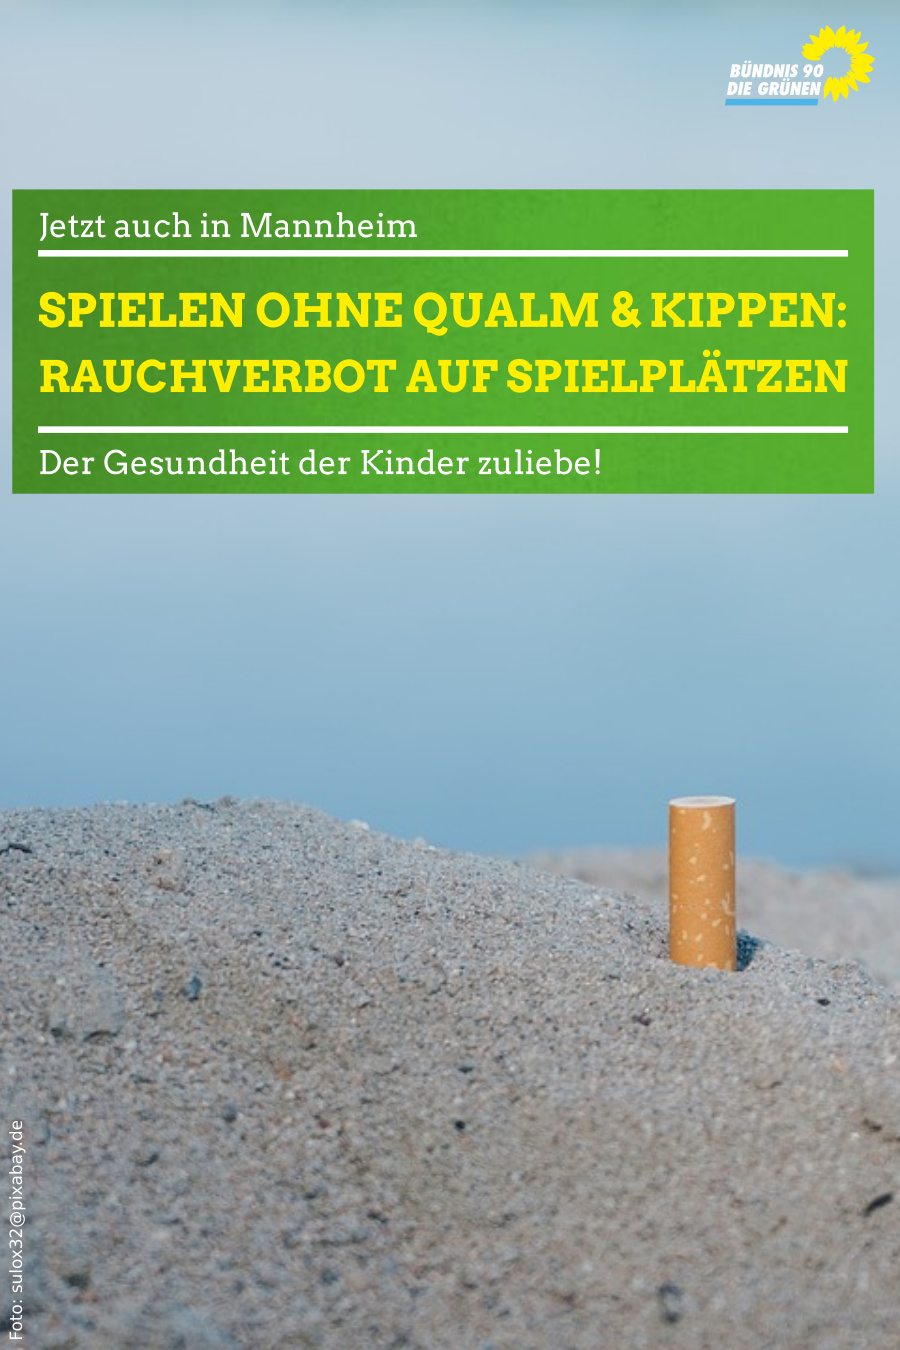 Zigarettenkippe in Sand